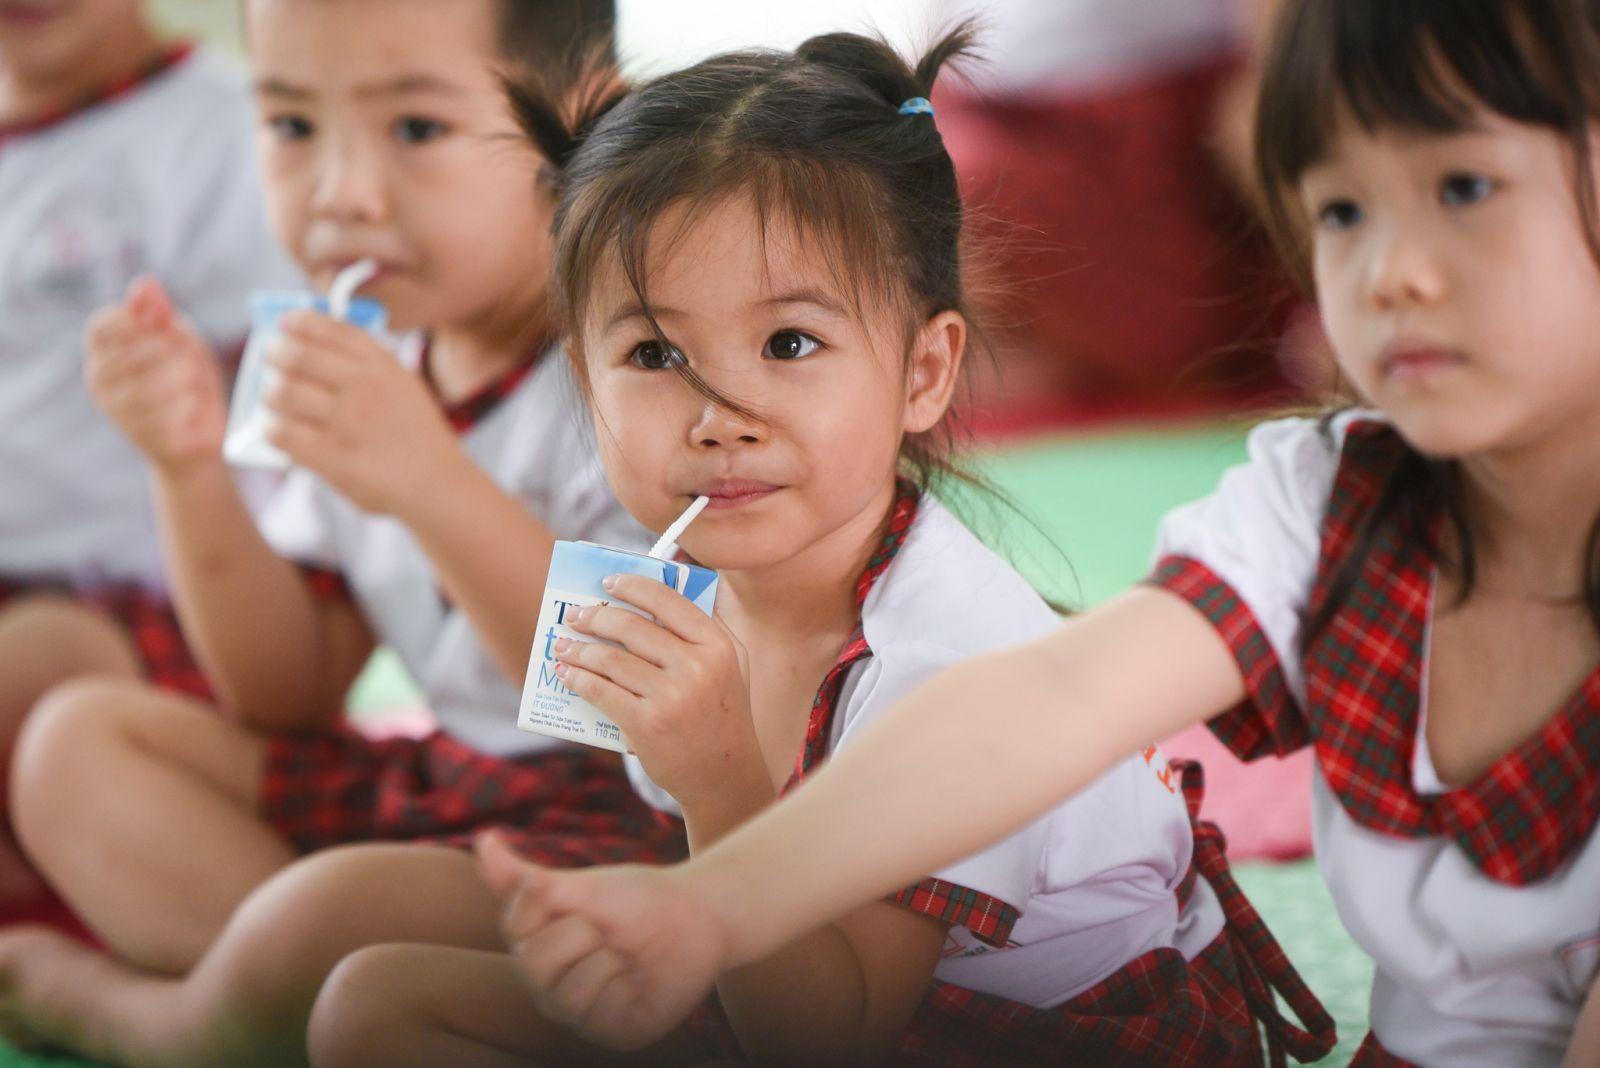 TH luôn nỗ lực với việc kiểm soát chất lượng sữa ở Việt Nam